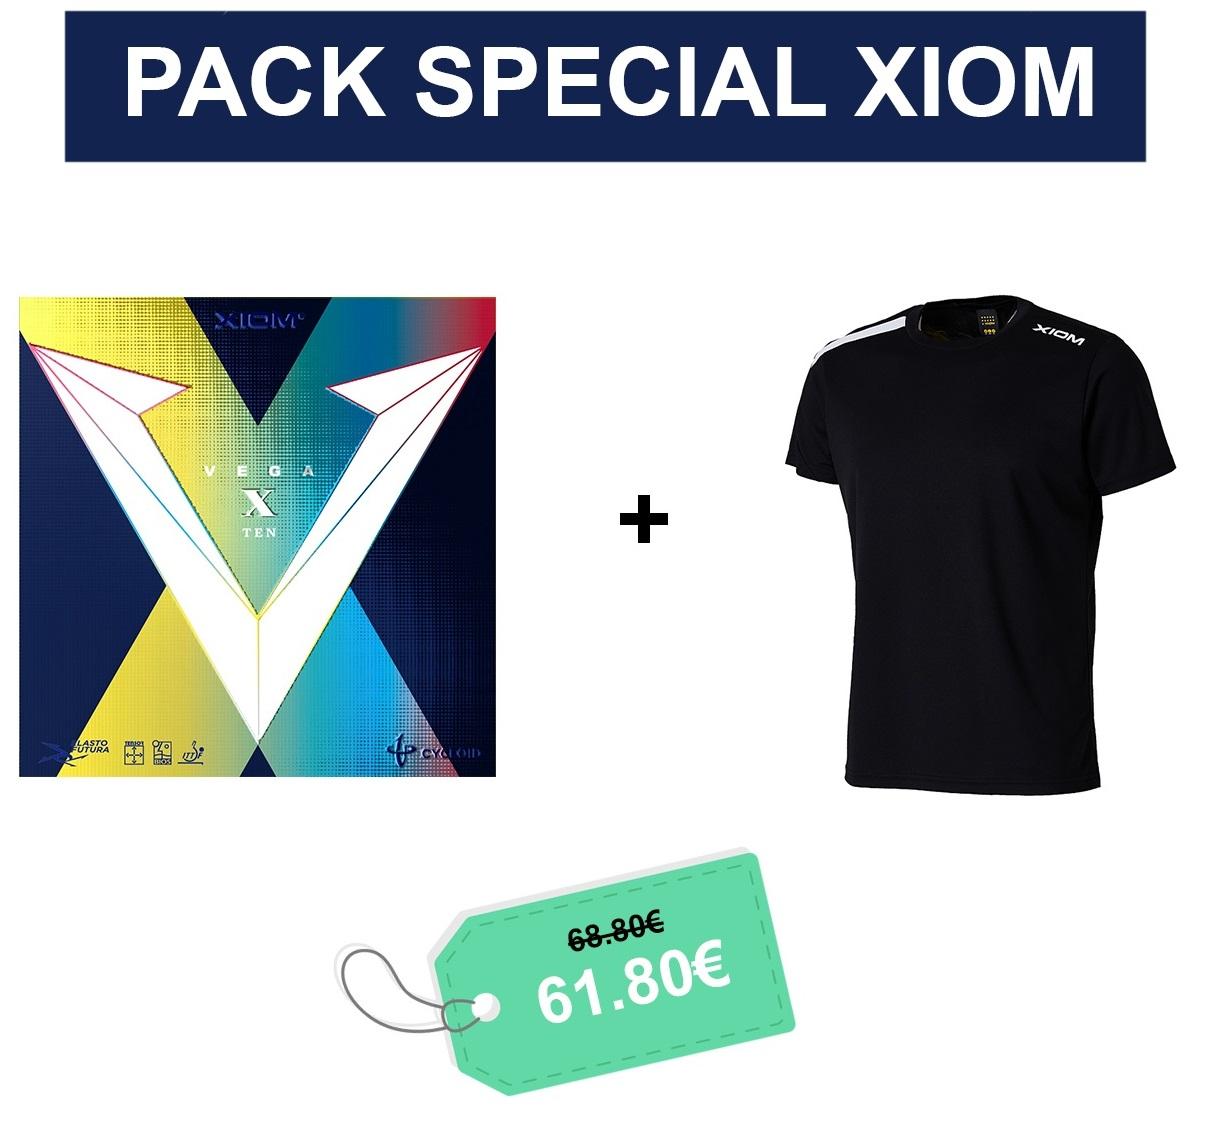 PACK SPECIAL XIOM VEGA X + TSHIRT SAM